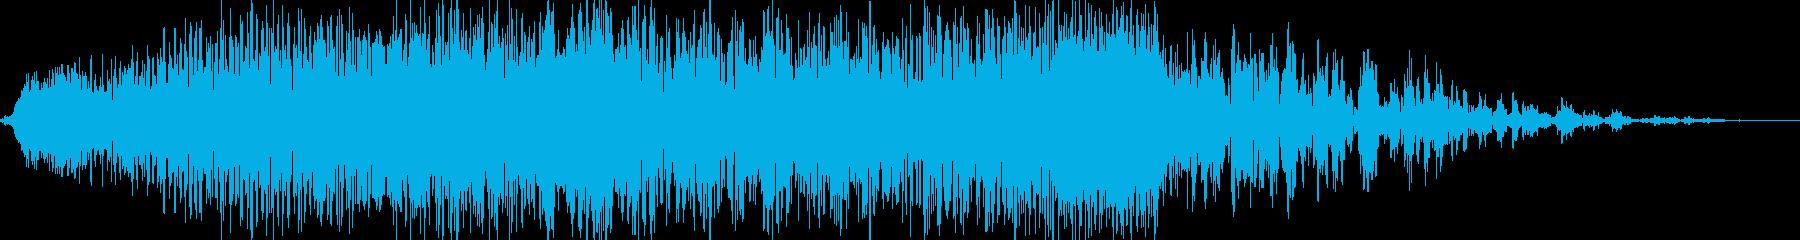 【ホラーゲーム】 物音 「接近」の再生済みの波形